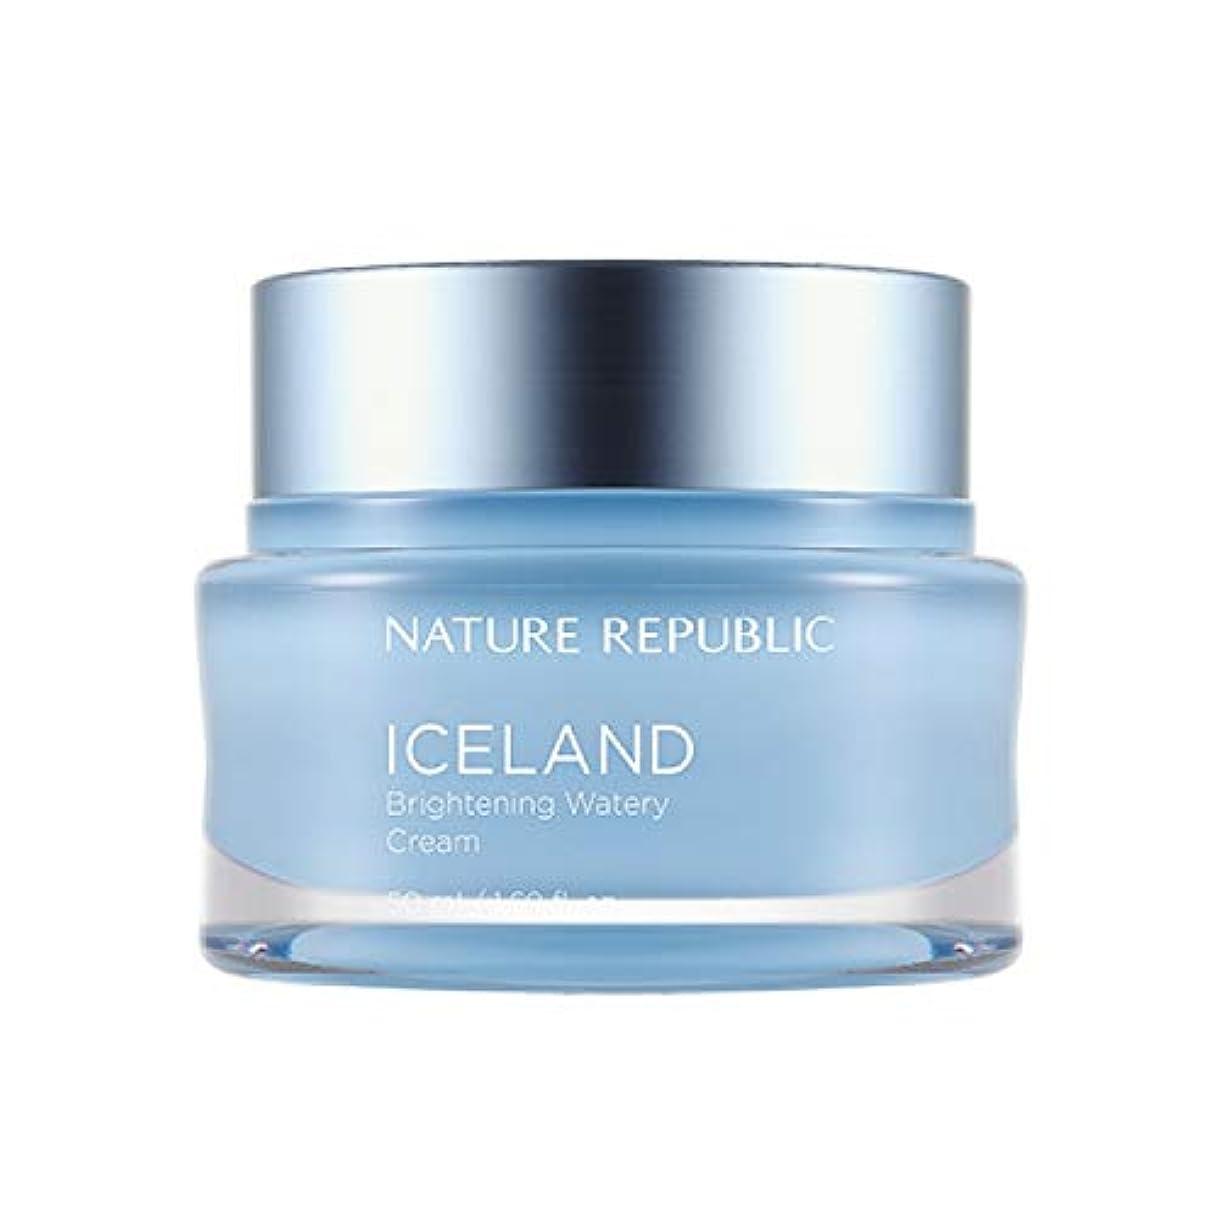 契約した観察バイソンネイチャーリパブリック(Nature Republic)アイスブライトニング水分クリーム 50ml / Iceland Brightening Watery Cream 50ml :: 韓国コスメ [並行輸入品]